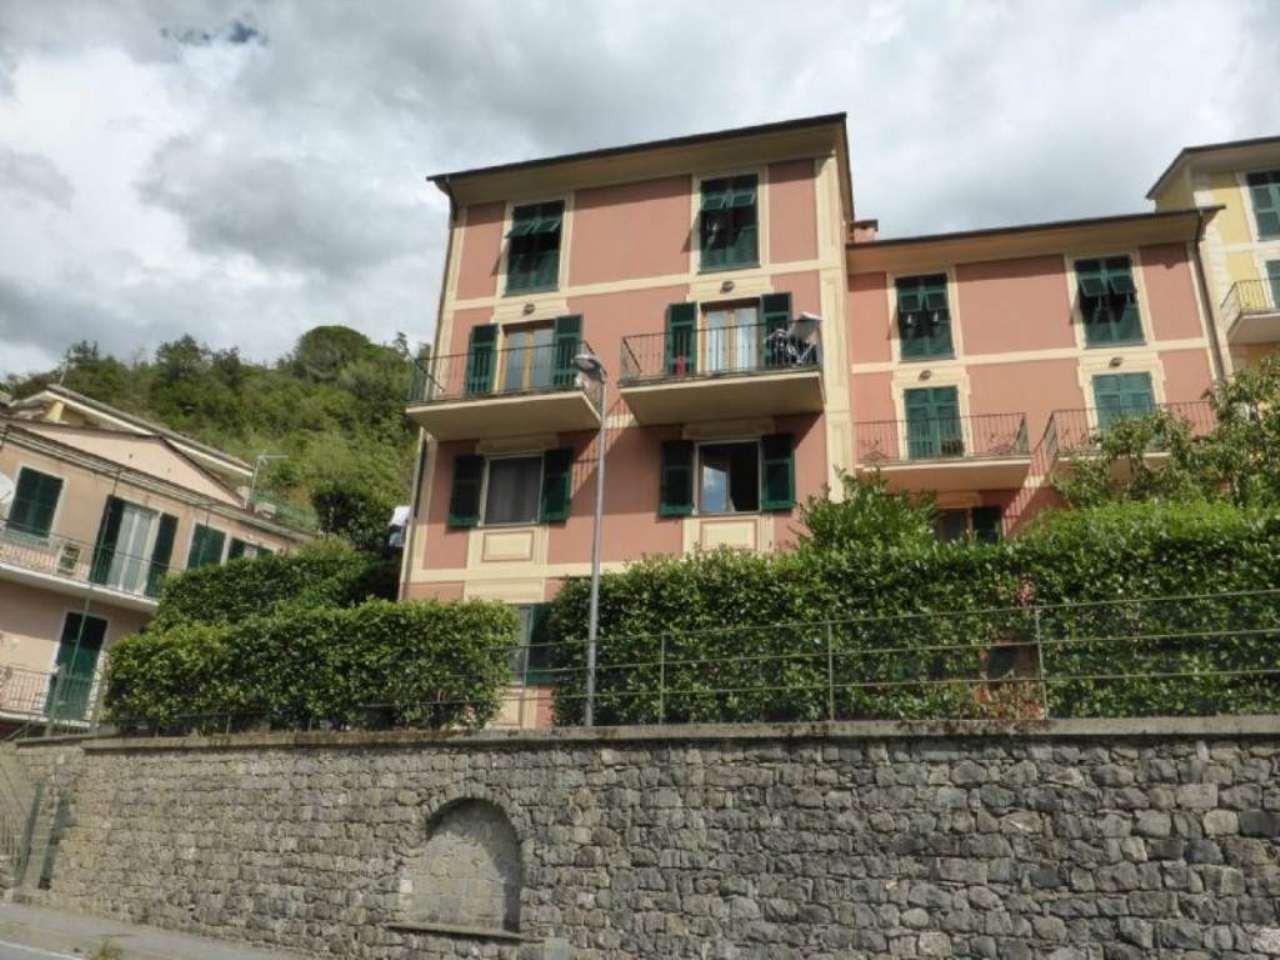 Appartamento in vendita a Borzonasca, 4 locali, prezzo € 215.000 | CambioCasa.it